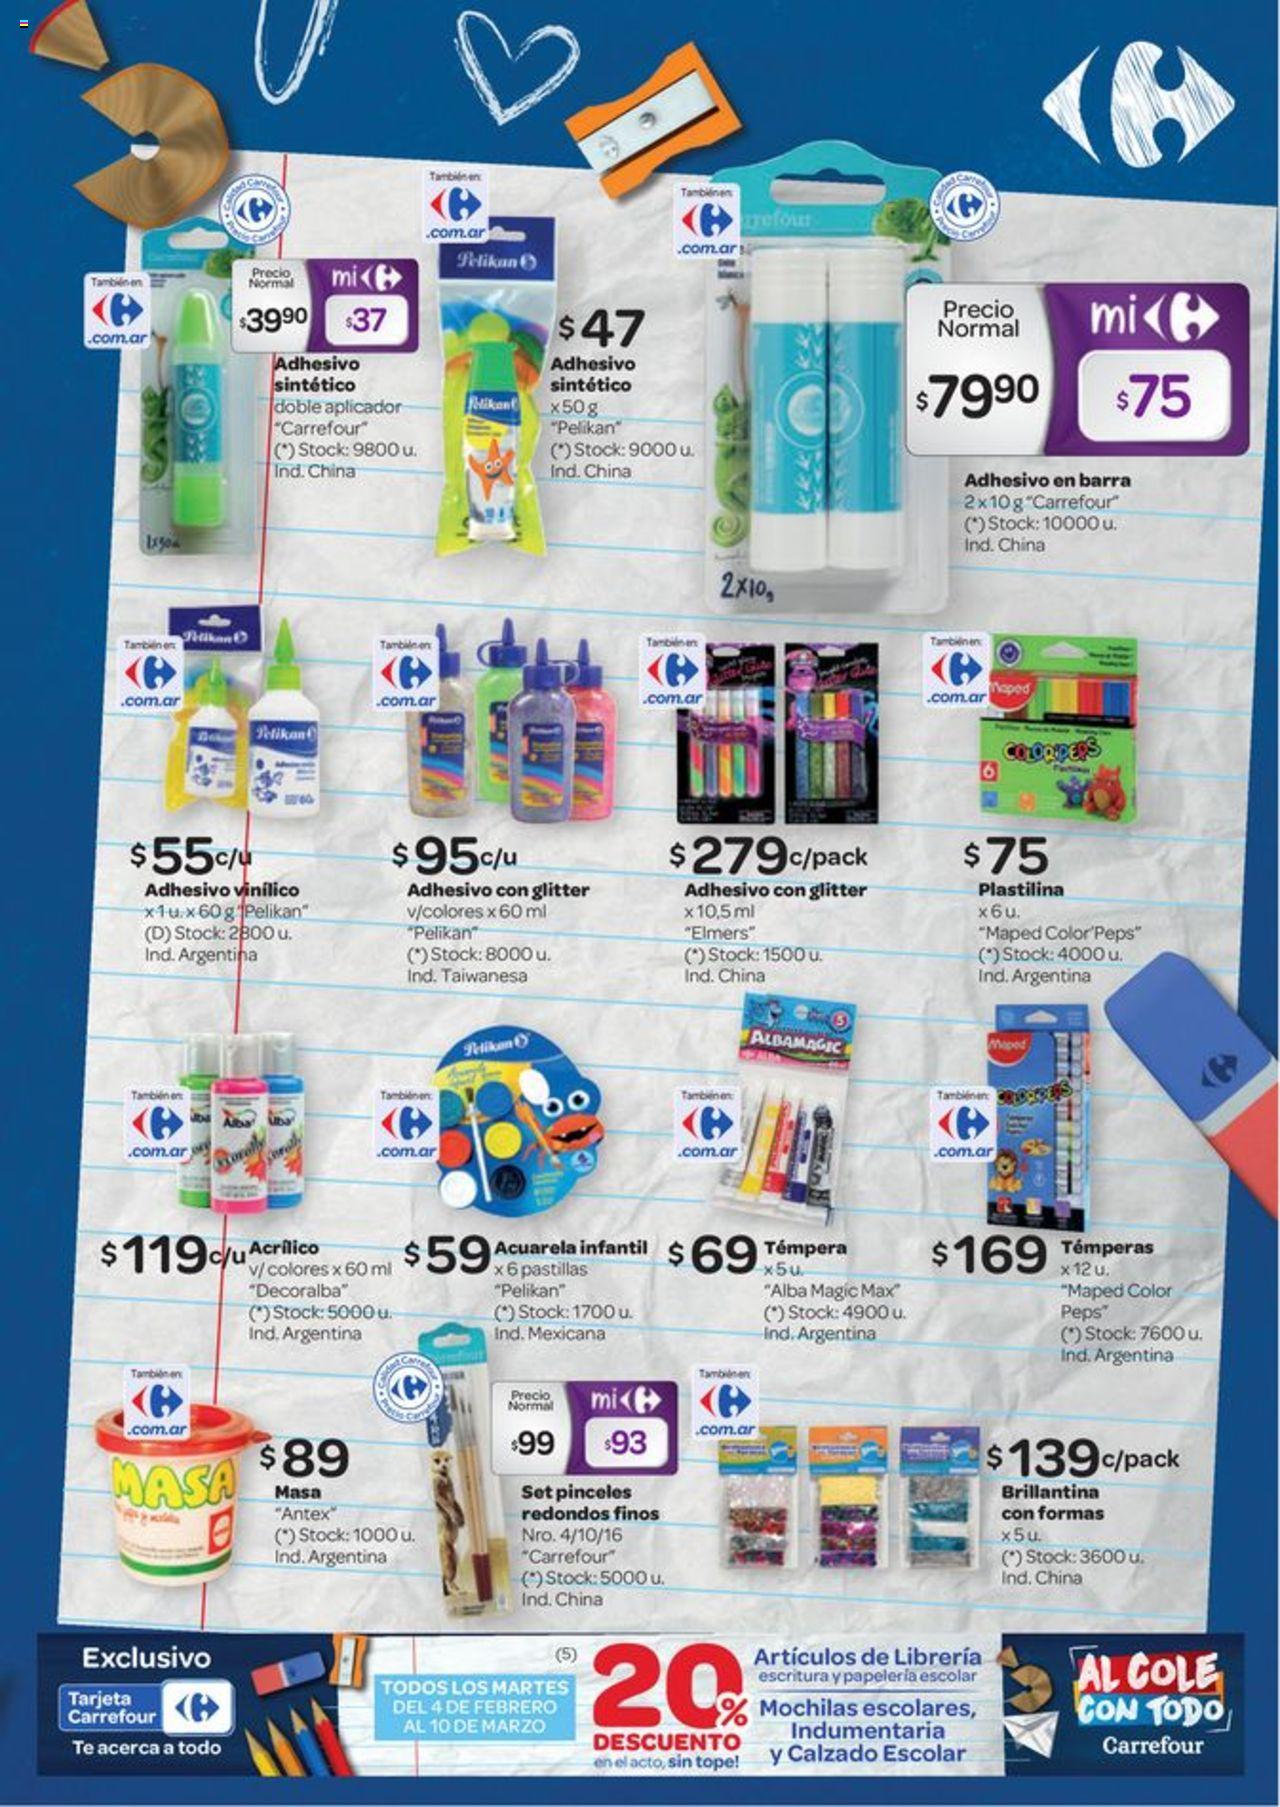 Carrefour Oferta válido desde el 13/02/2020 número de página 1 | Página: 13